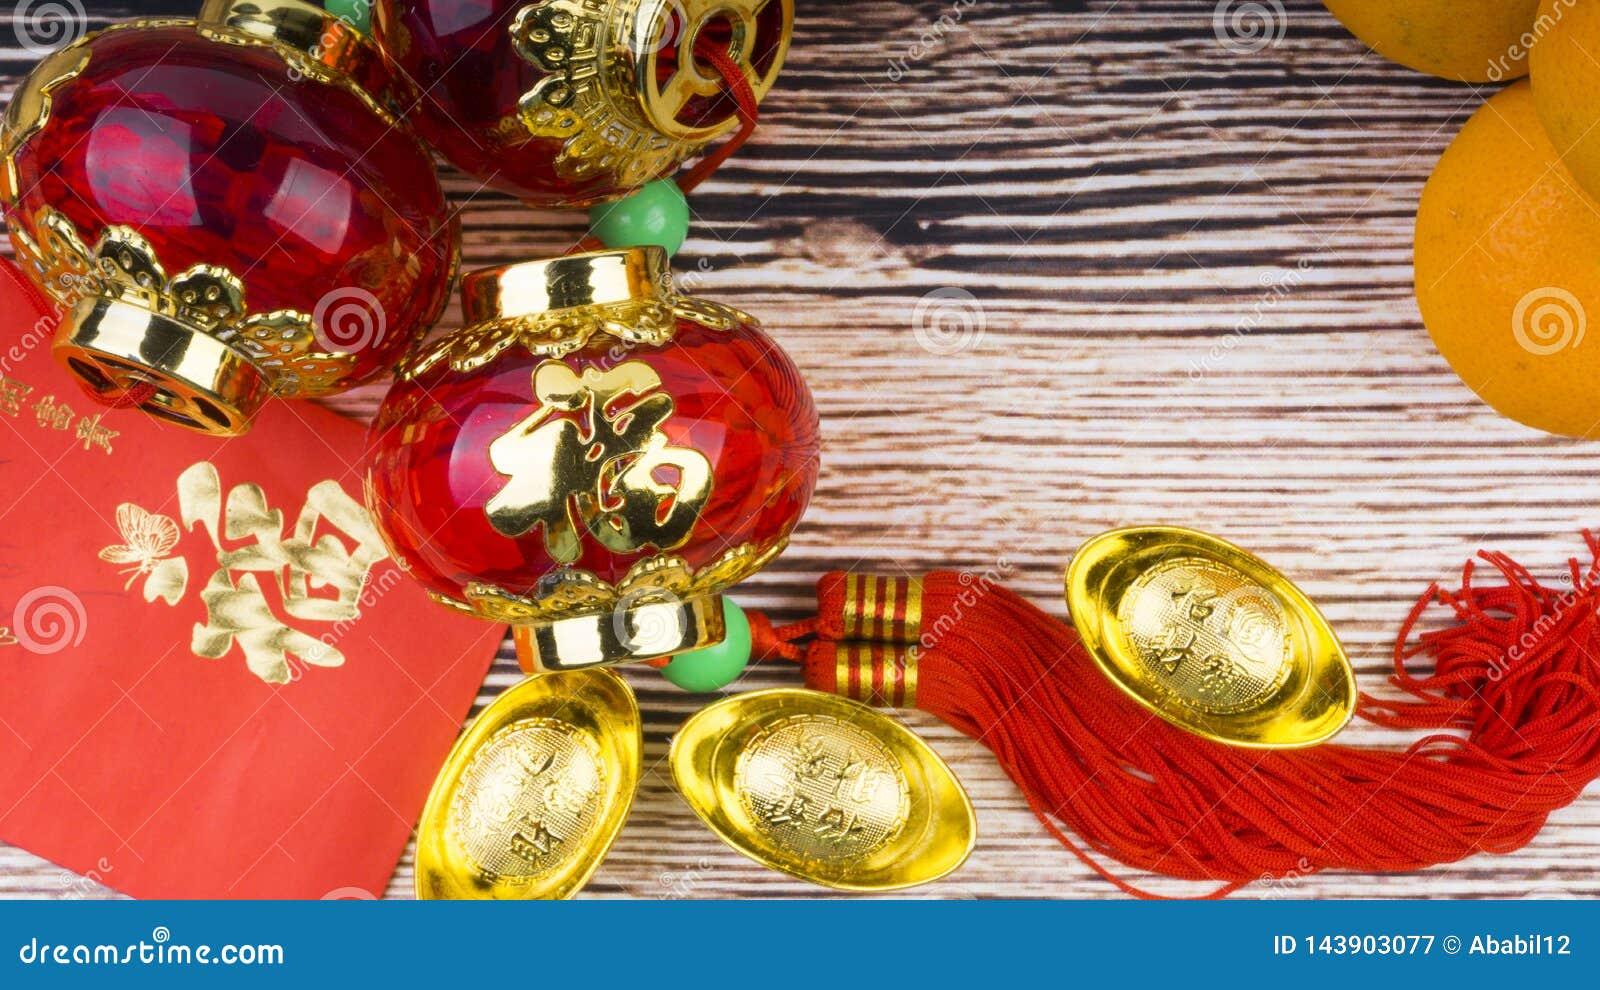 Mandarin Orange, Red Envelopes, Lantern And Gold Ingots ...